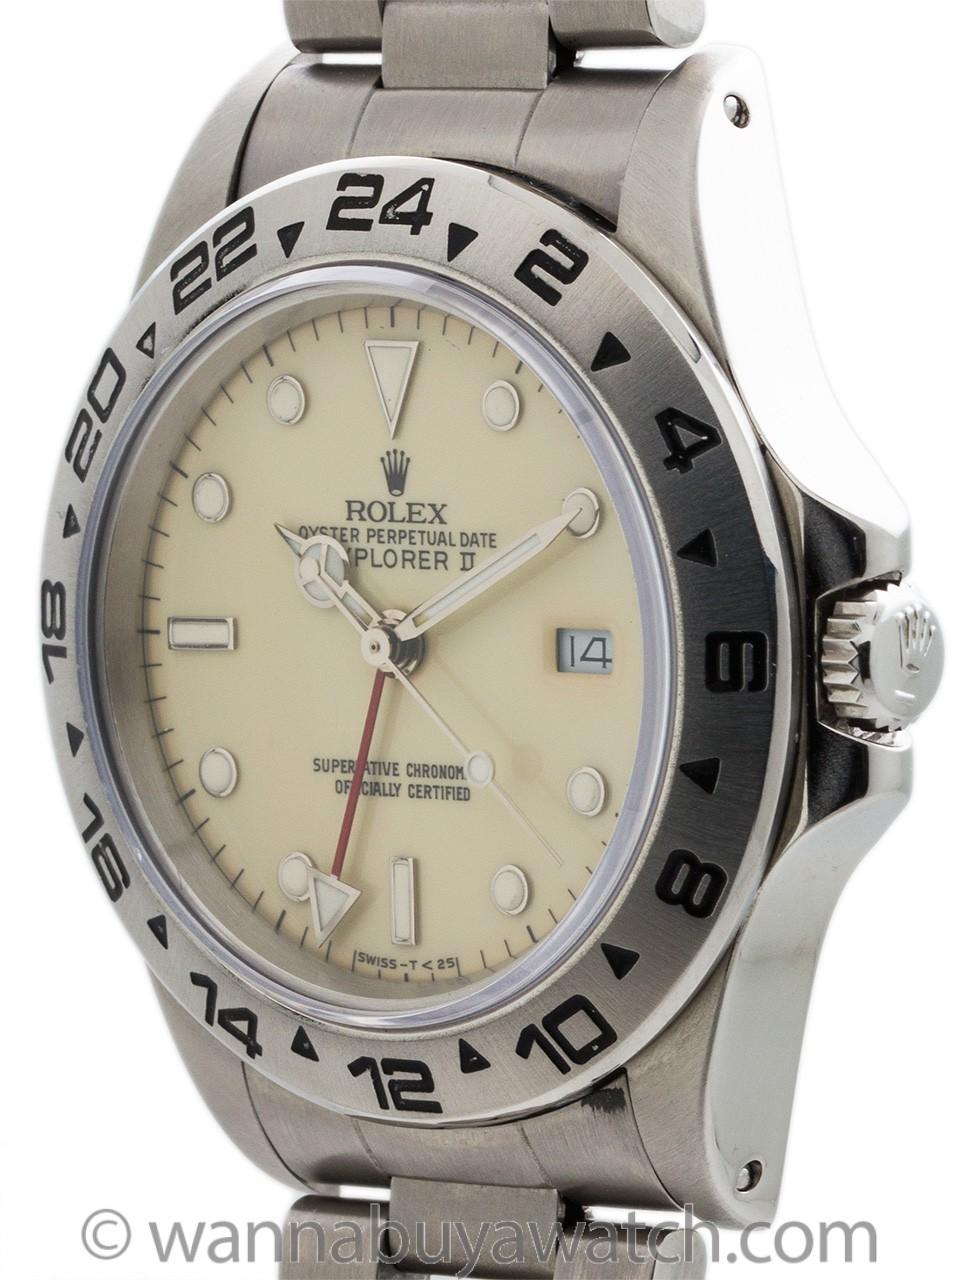 Rolex Explorer II ref 16550 Cream Dial circa 1986